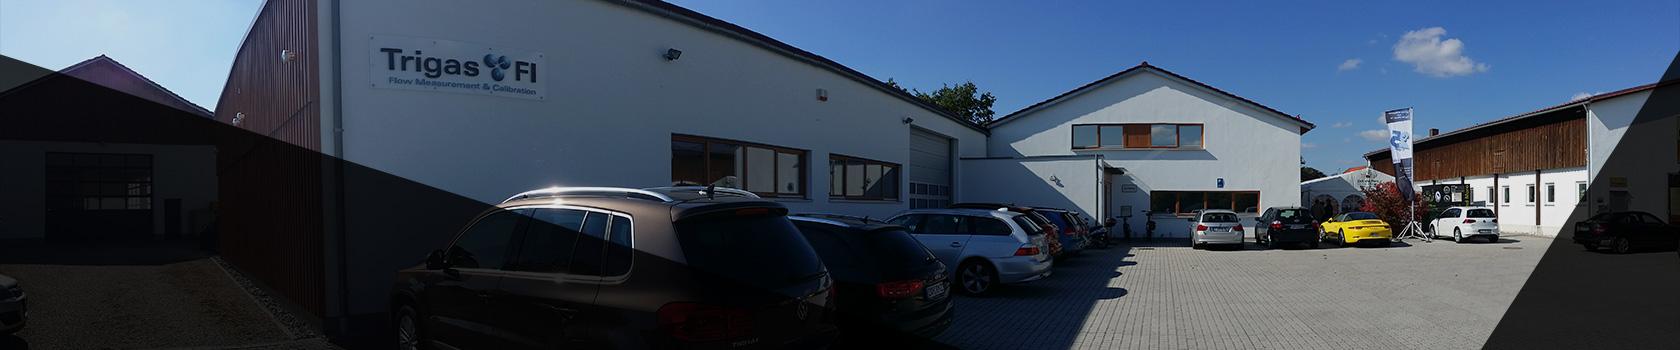 Impressum Unternehmen TrigasFI Headerbild, Foto der TrigasFI Firmengebäude